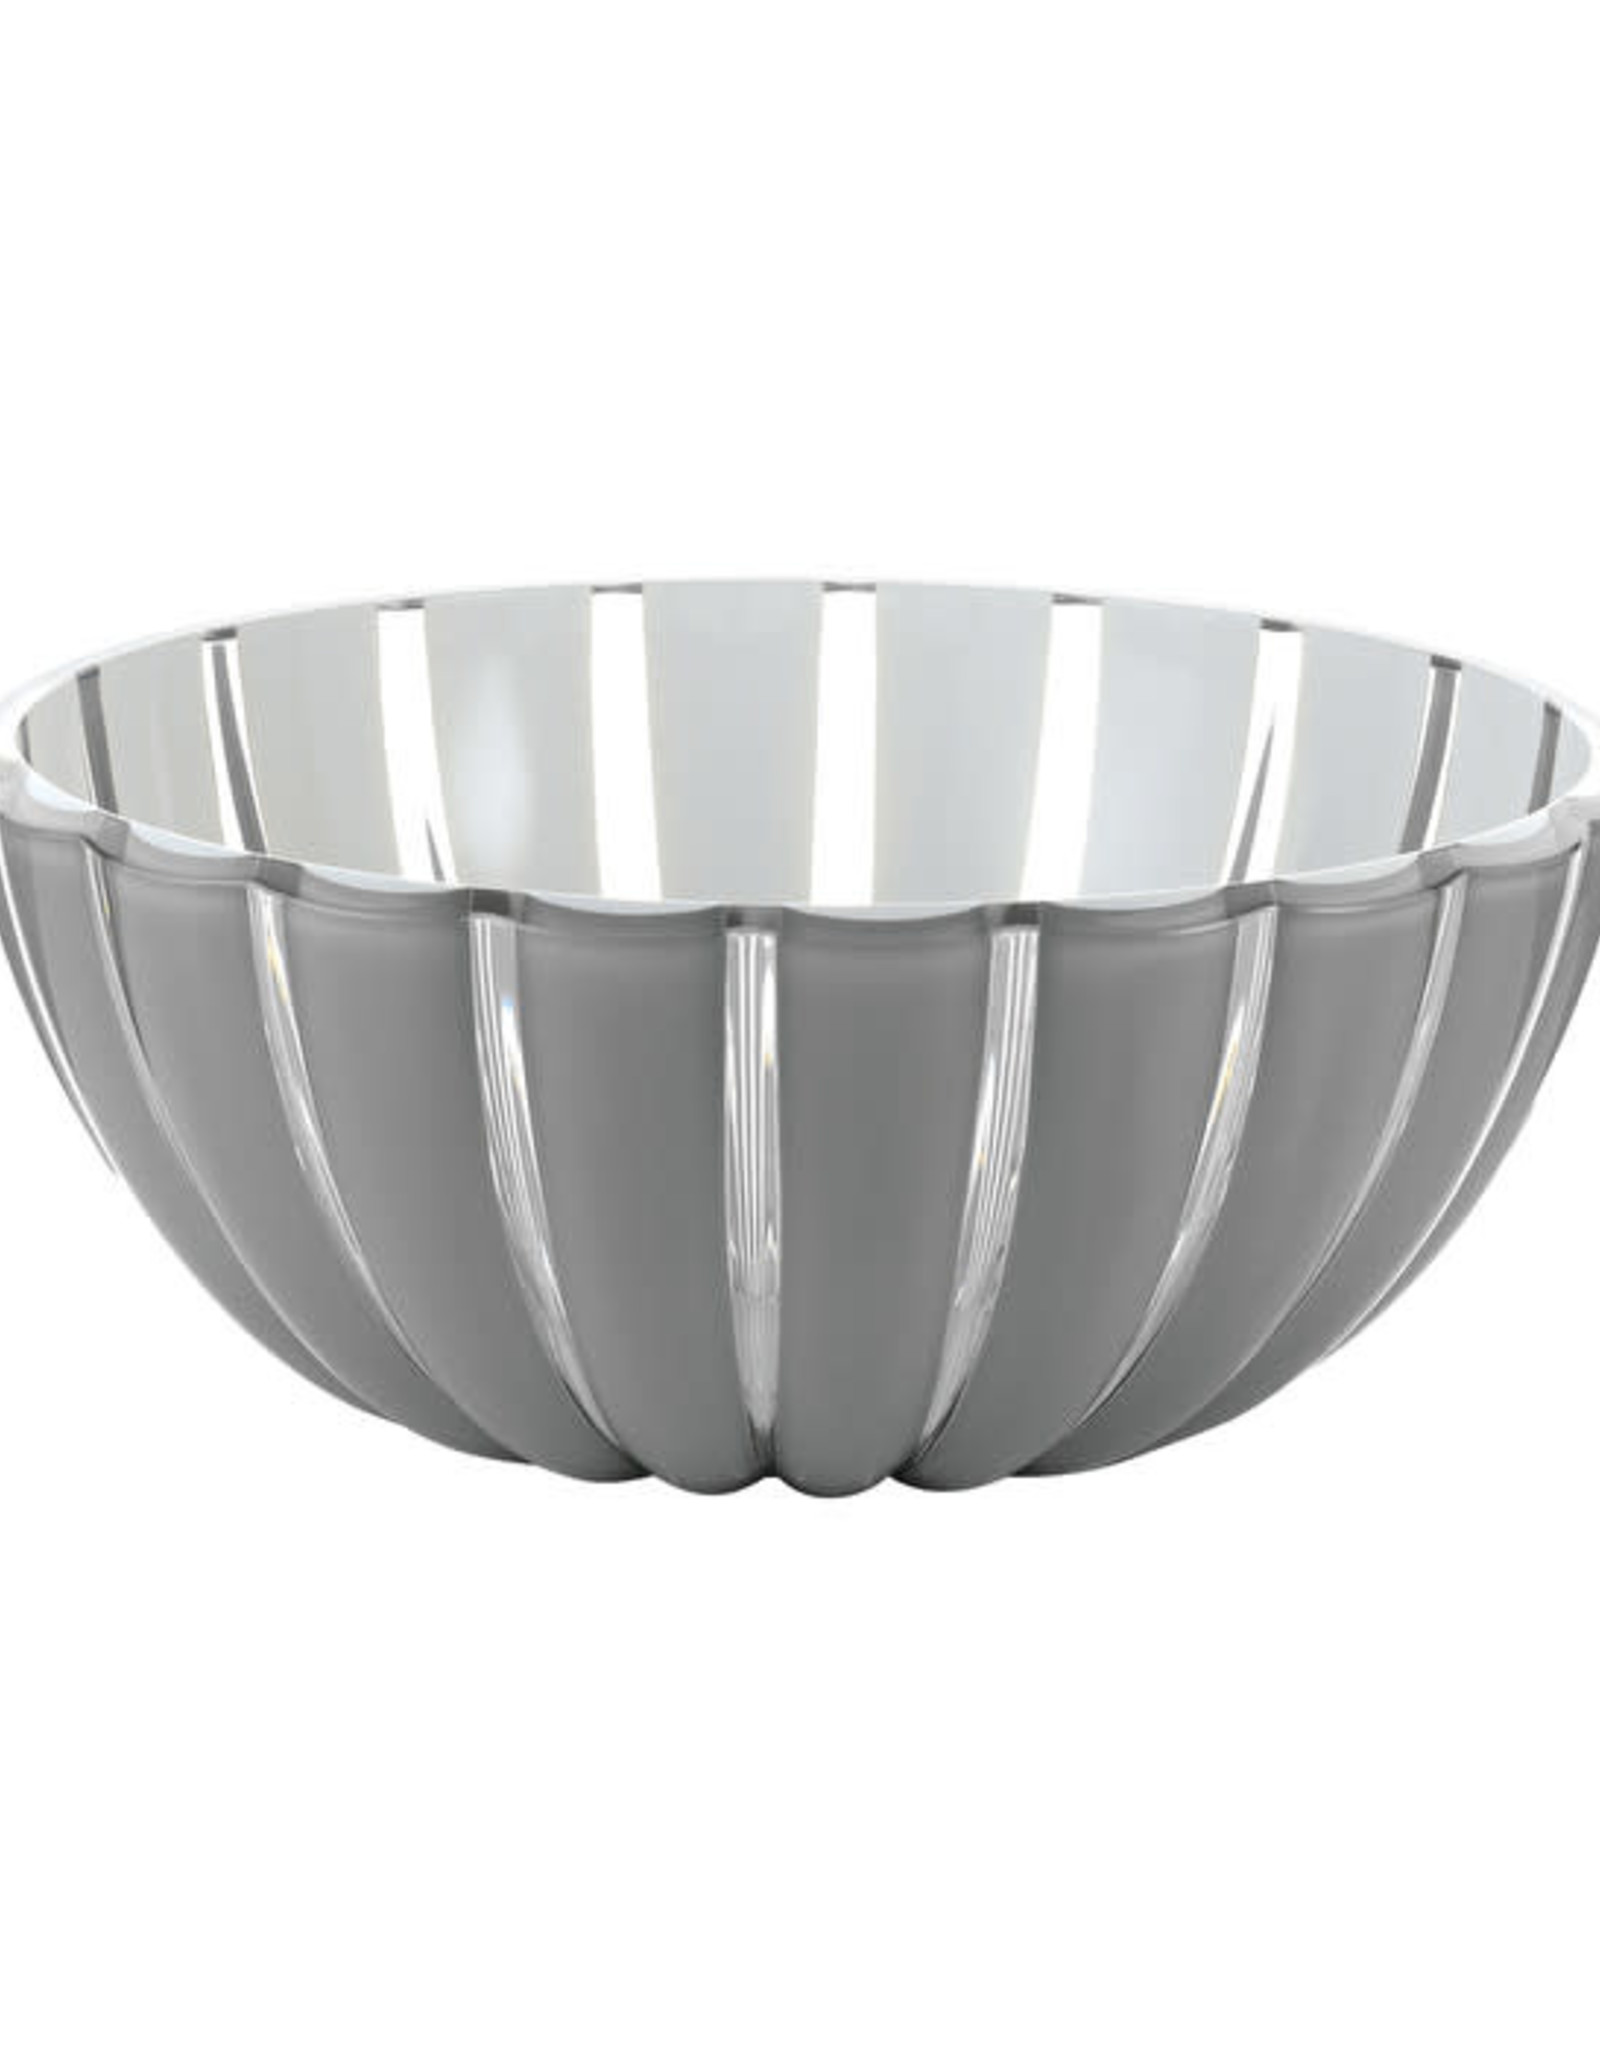 Guzzini Guzzini Extra Large Grace Bowl